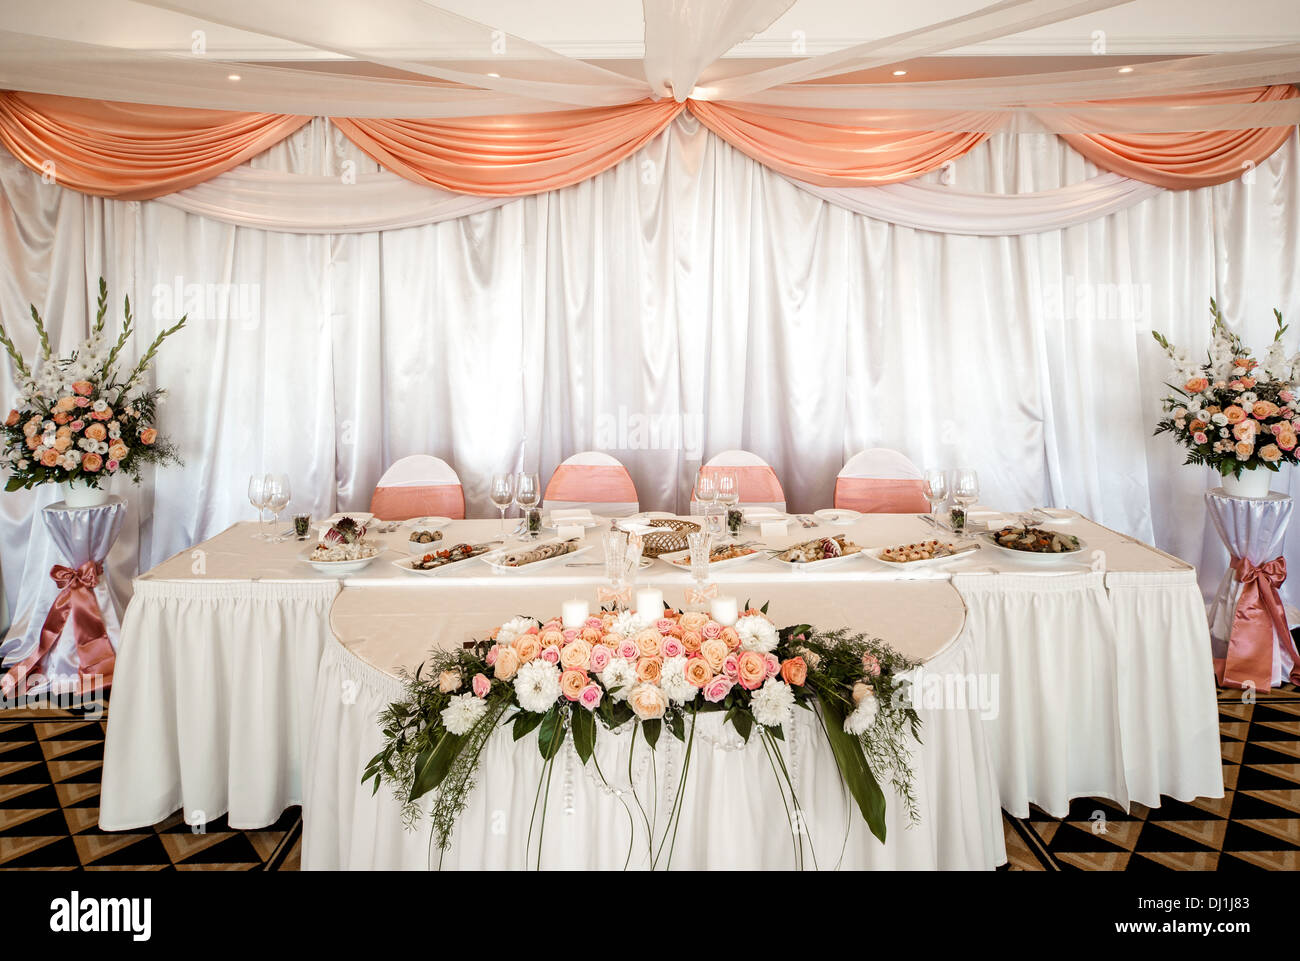 Decorazioni Per Matrimoni Foto Stock Alamy